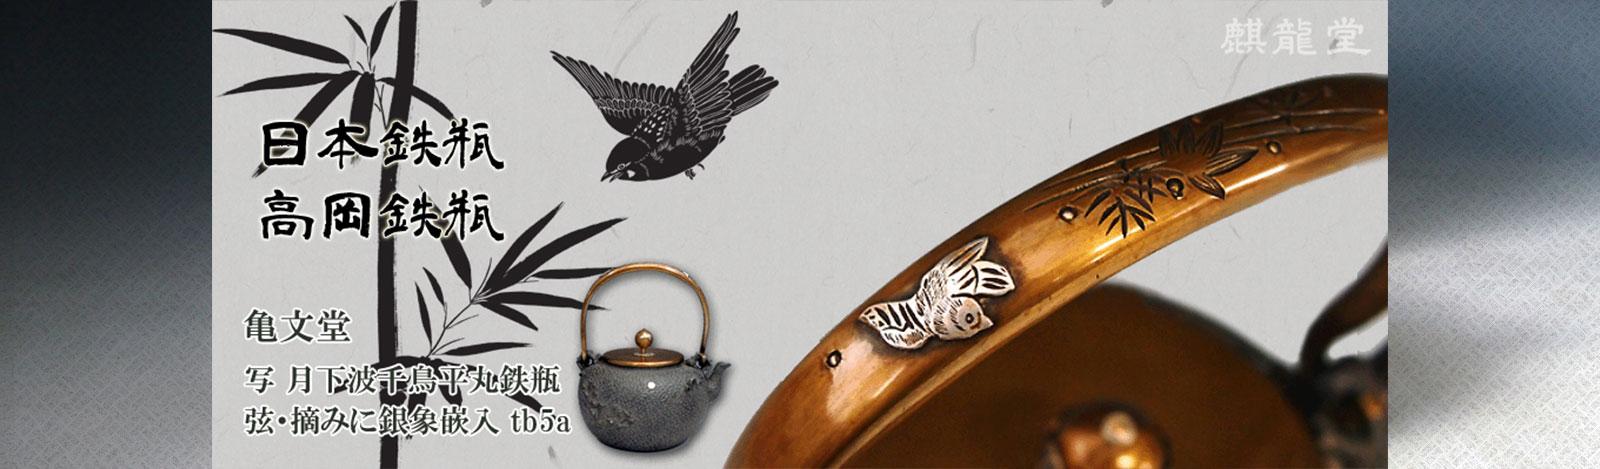 日本鉄瓶 高岡鉄瓶 亀文堂 写 月下波千鳥平丸鉄瓶 弦・摘みに銀象嵌入 tb5a 麒龍堂